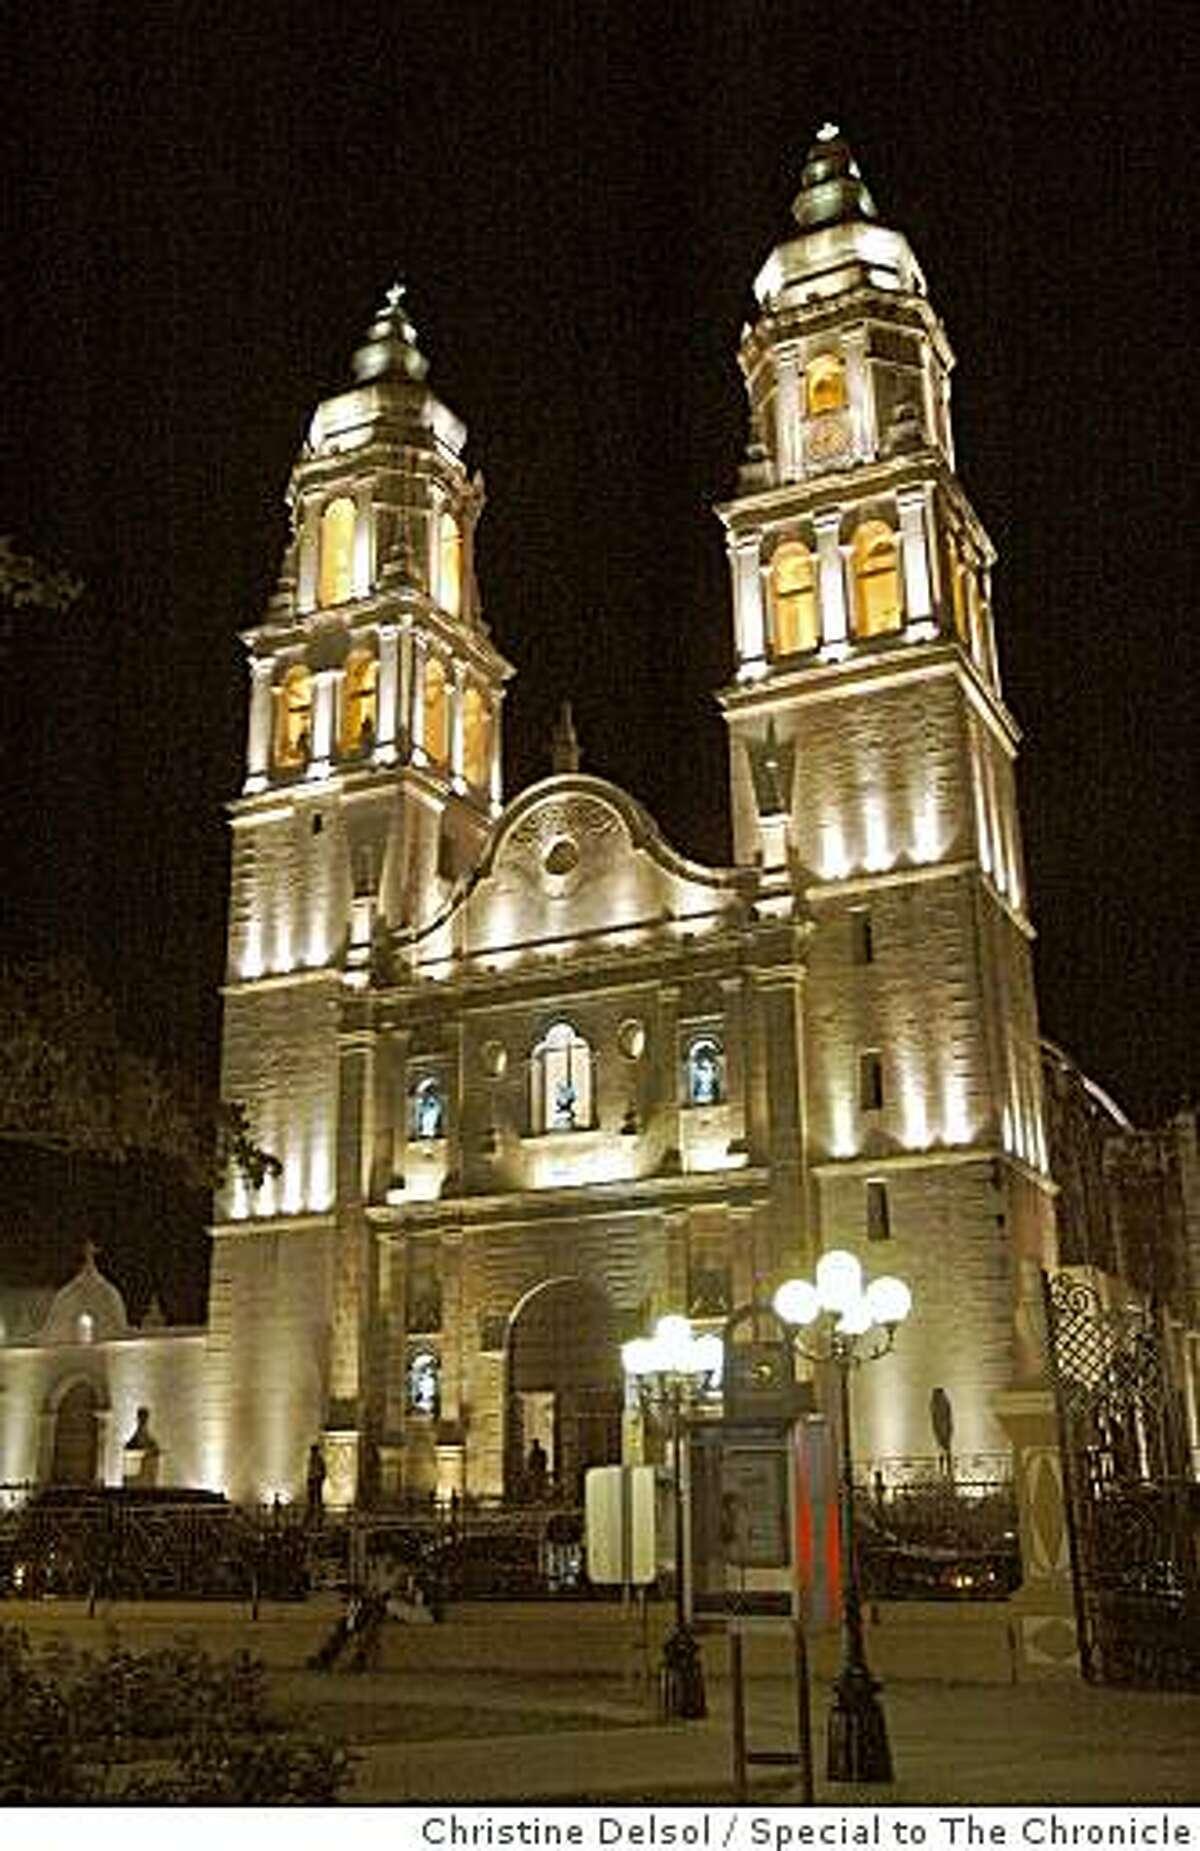 Campeche, Mexico -- Campeche, Mexico -- The Catedral de la Concepci?n towers over Parque Principal, Campeche's central square.